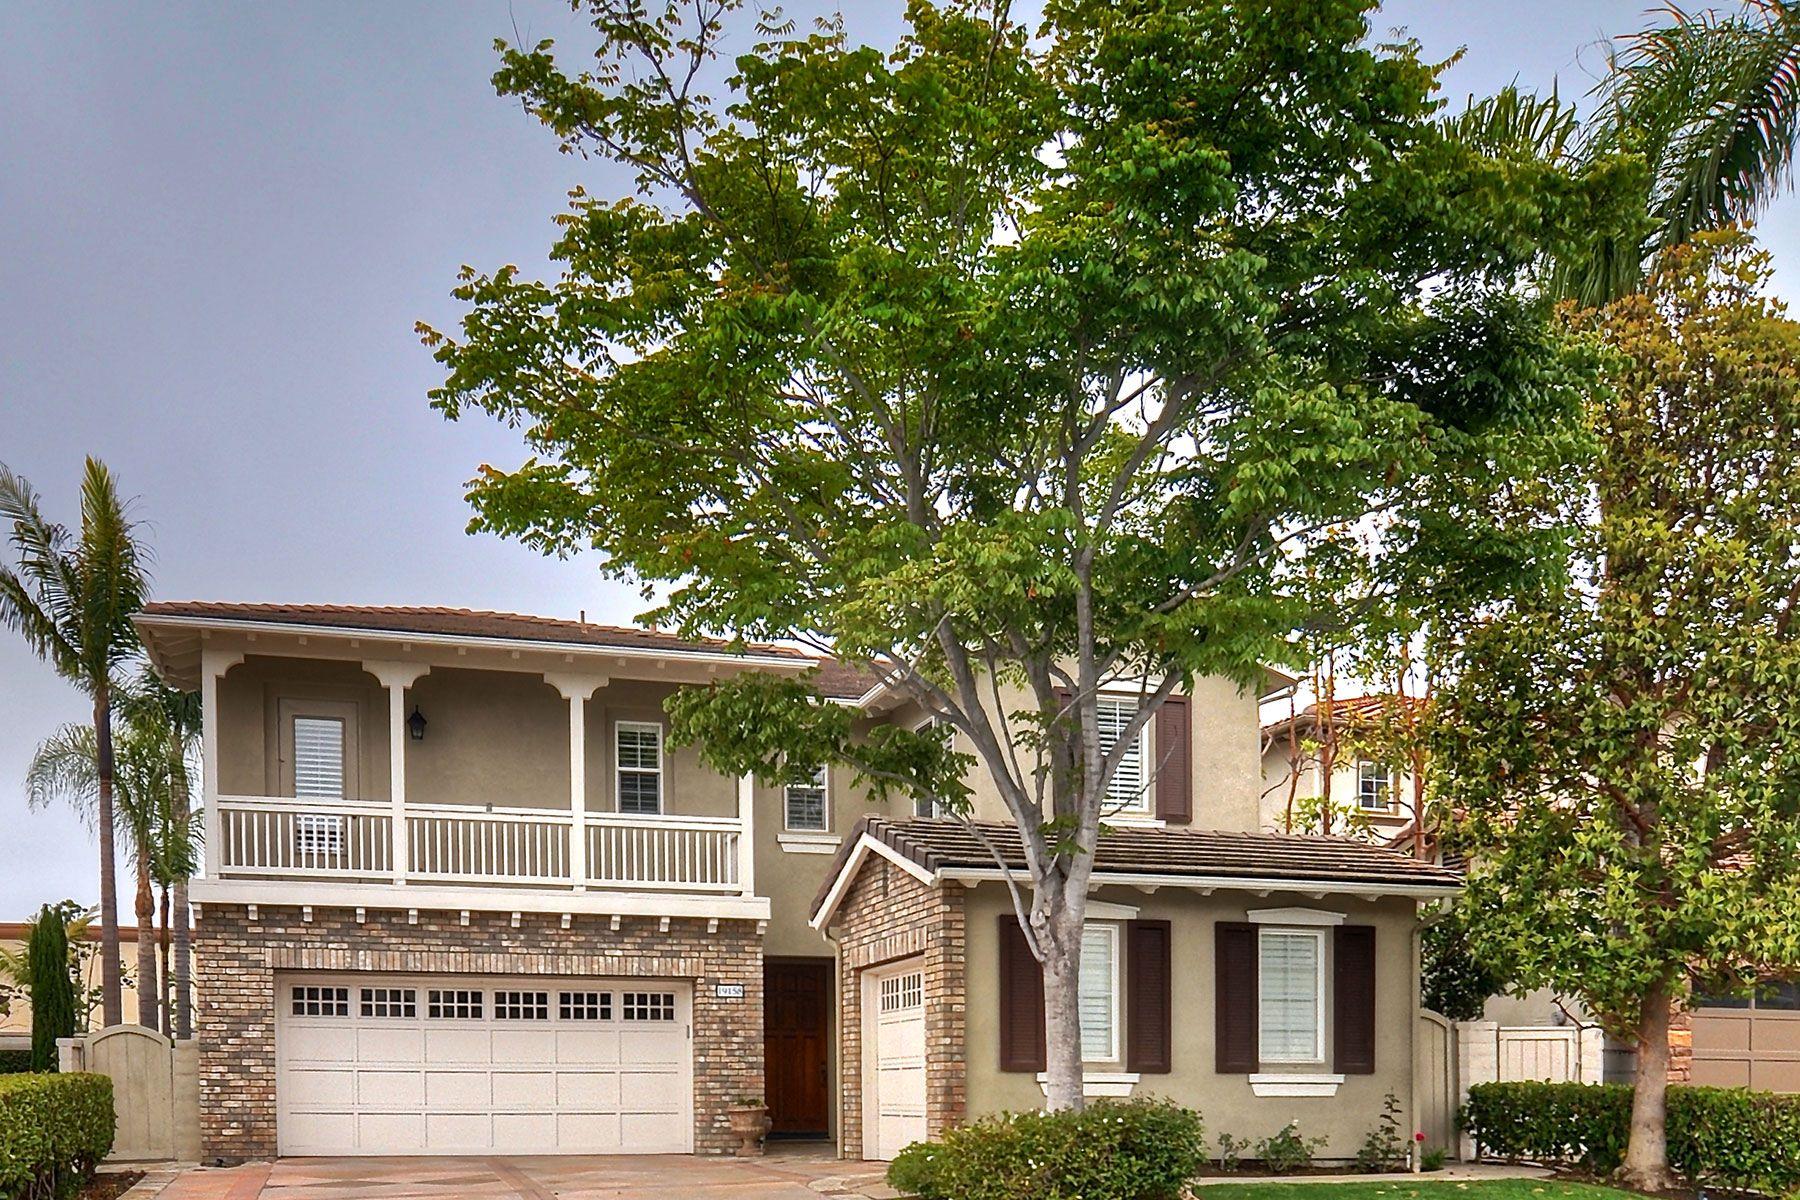 단독 가정 주택 용 매매 에 19158 Chandon Huntington Beach, 캘리포니아, 92648 미국